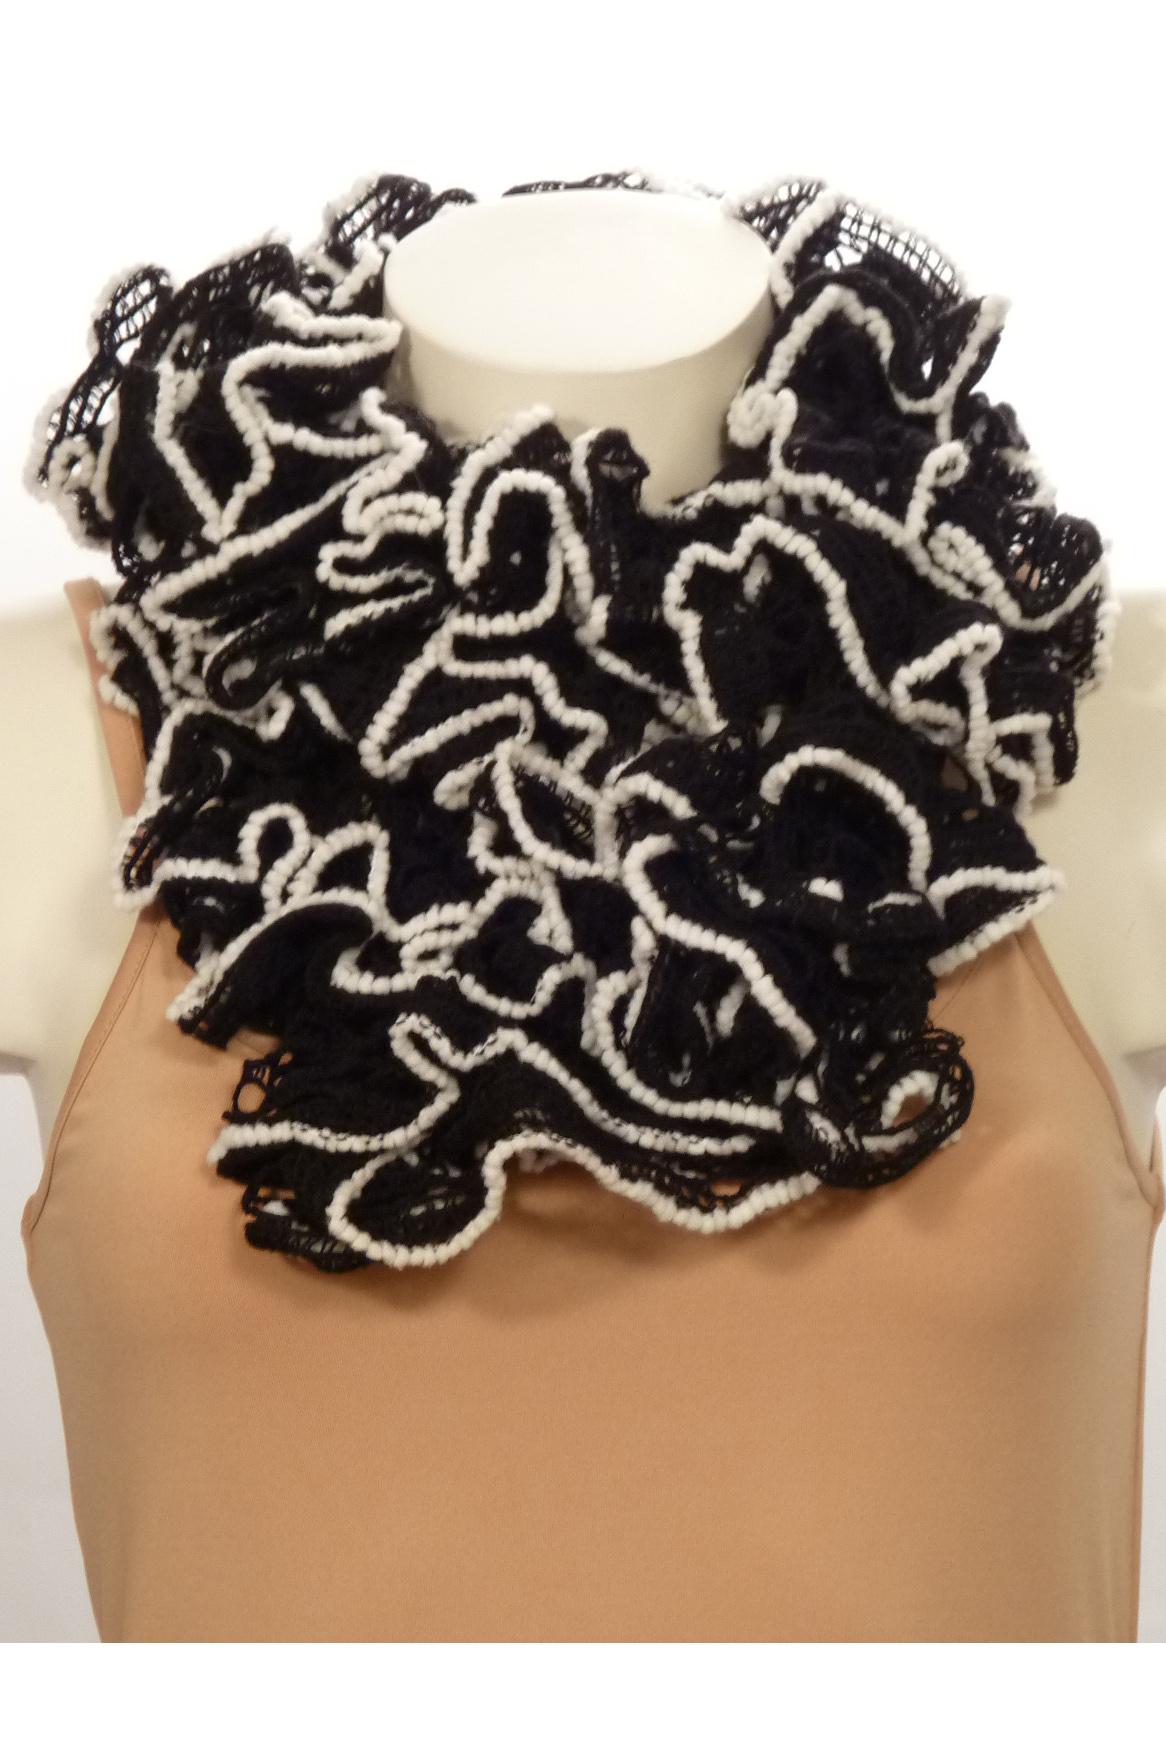 ШарфВязанный шарф придаст вашему образу романтичности. Этот удобный длинный кружевной шарф вяжут оригинальным узором,  который позволяет создать эффектные воланы.  Длина шарфа 1,5 метра.  В изделии использованы цвета: черный, белый<br><br>По сезону: Зима<br>Размер : UNI<br>Материал: Вязаное полотно<br>Количество в наличии: 3